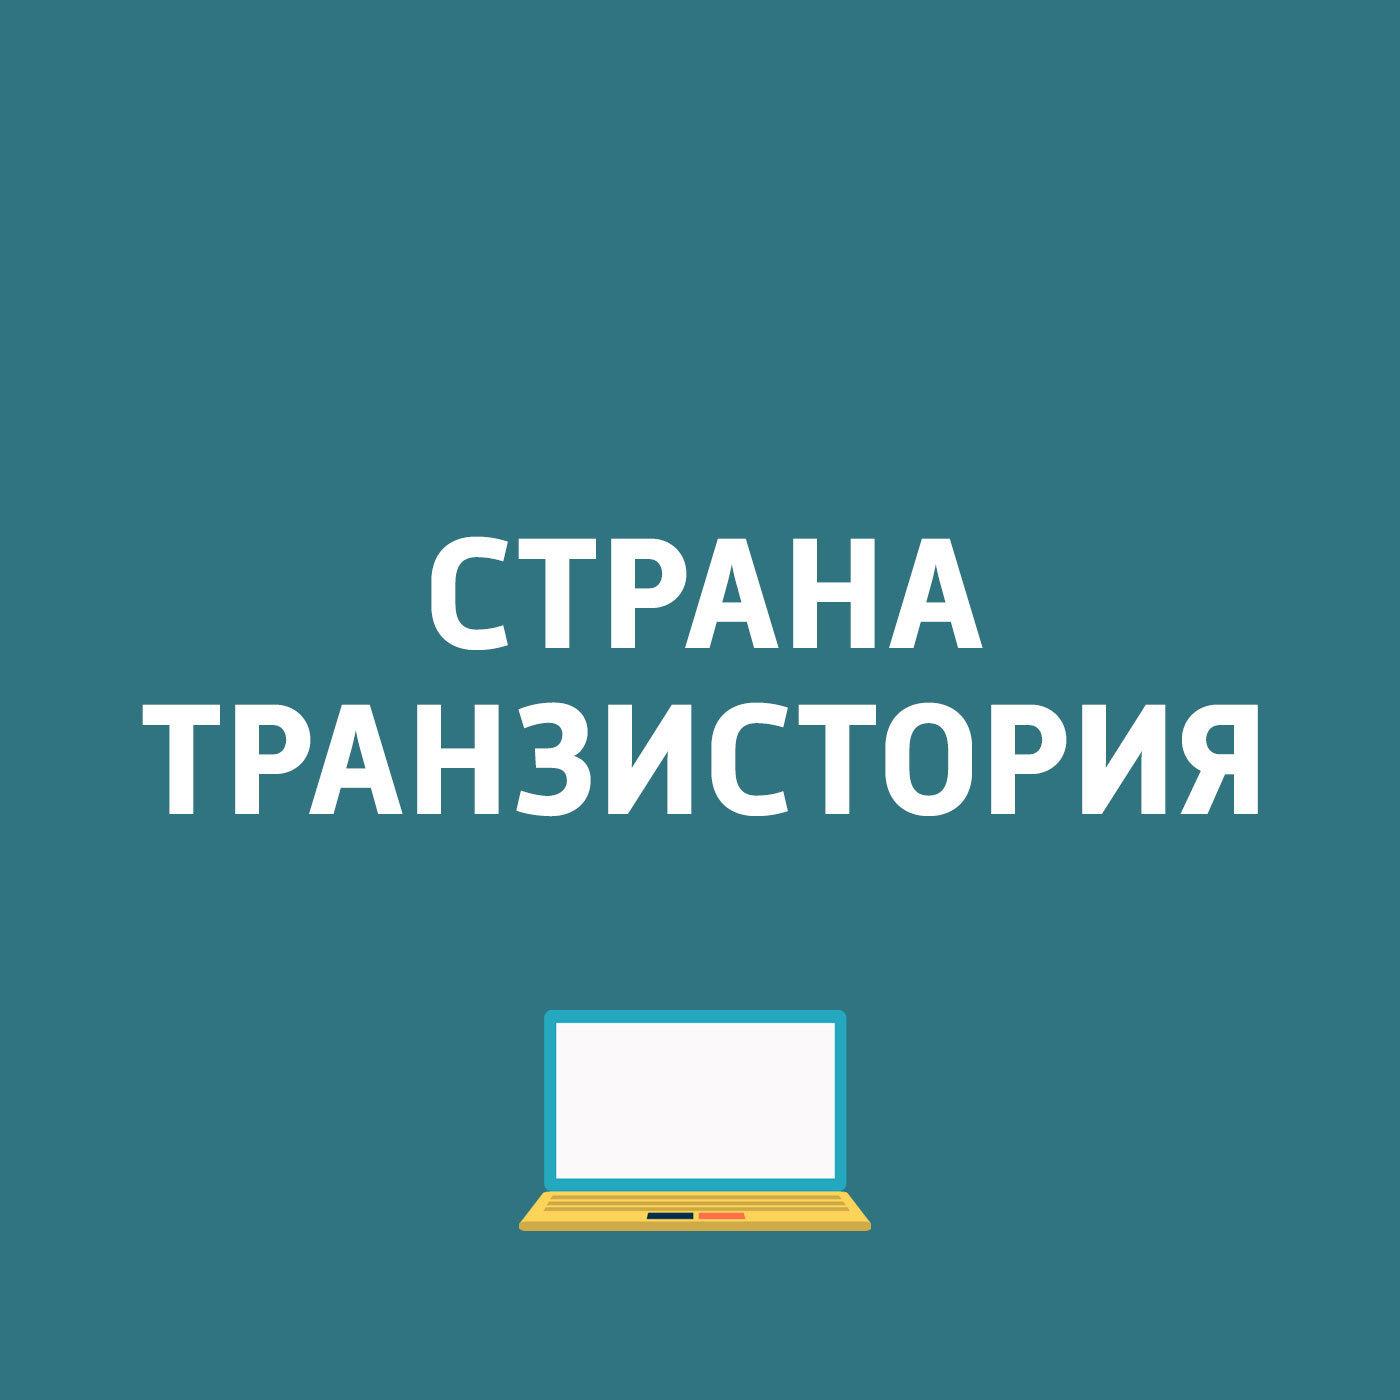 Картаев Павел Samsung Gear Fit2; Яндекс переведет текст с картинки; «Почта России» будет доставлять уведомления по e-mail....